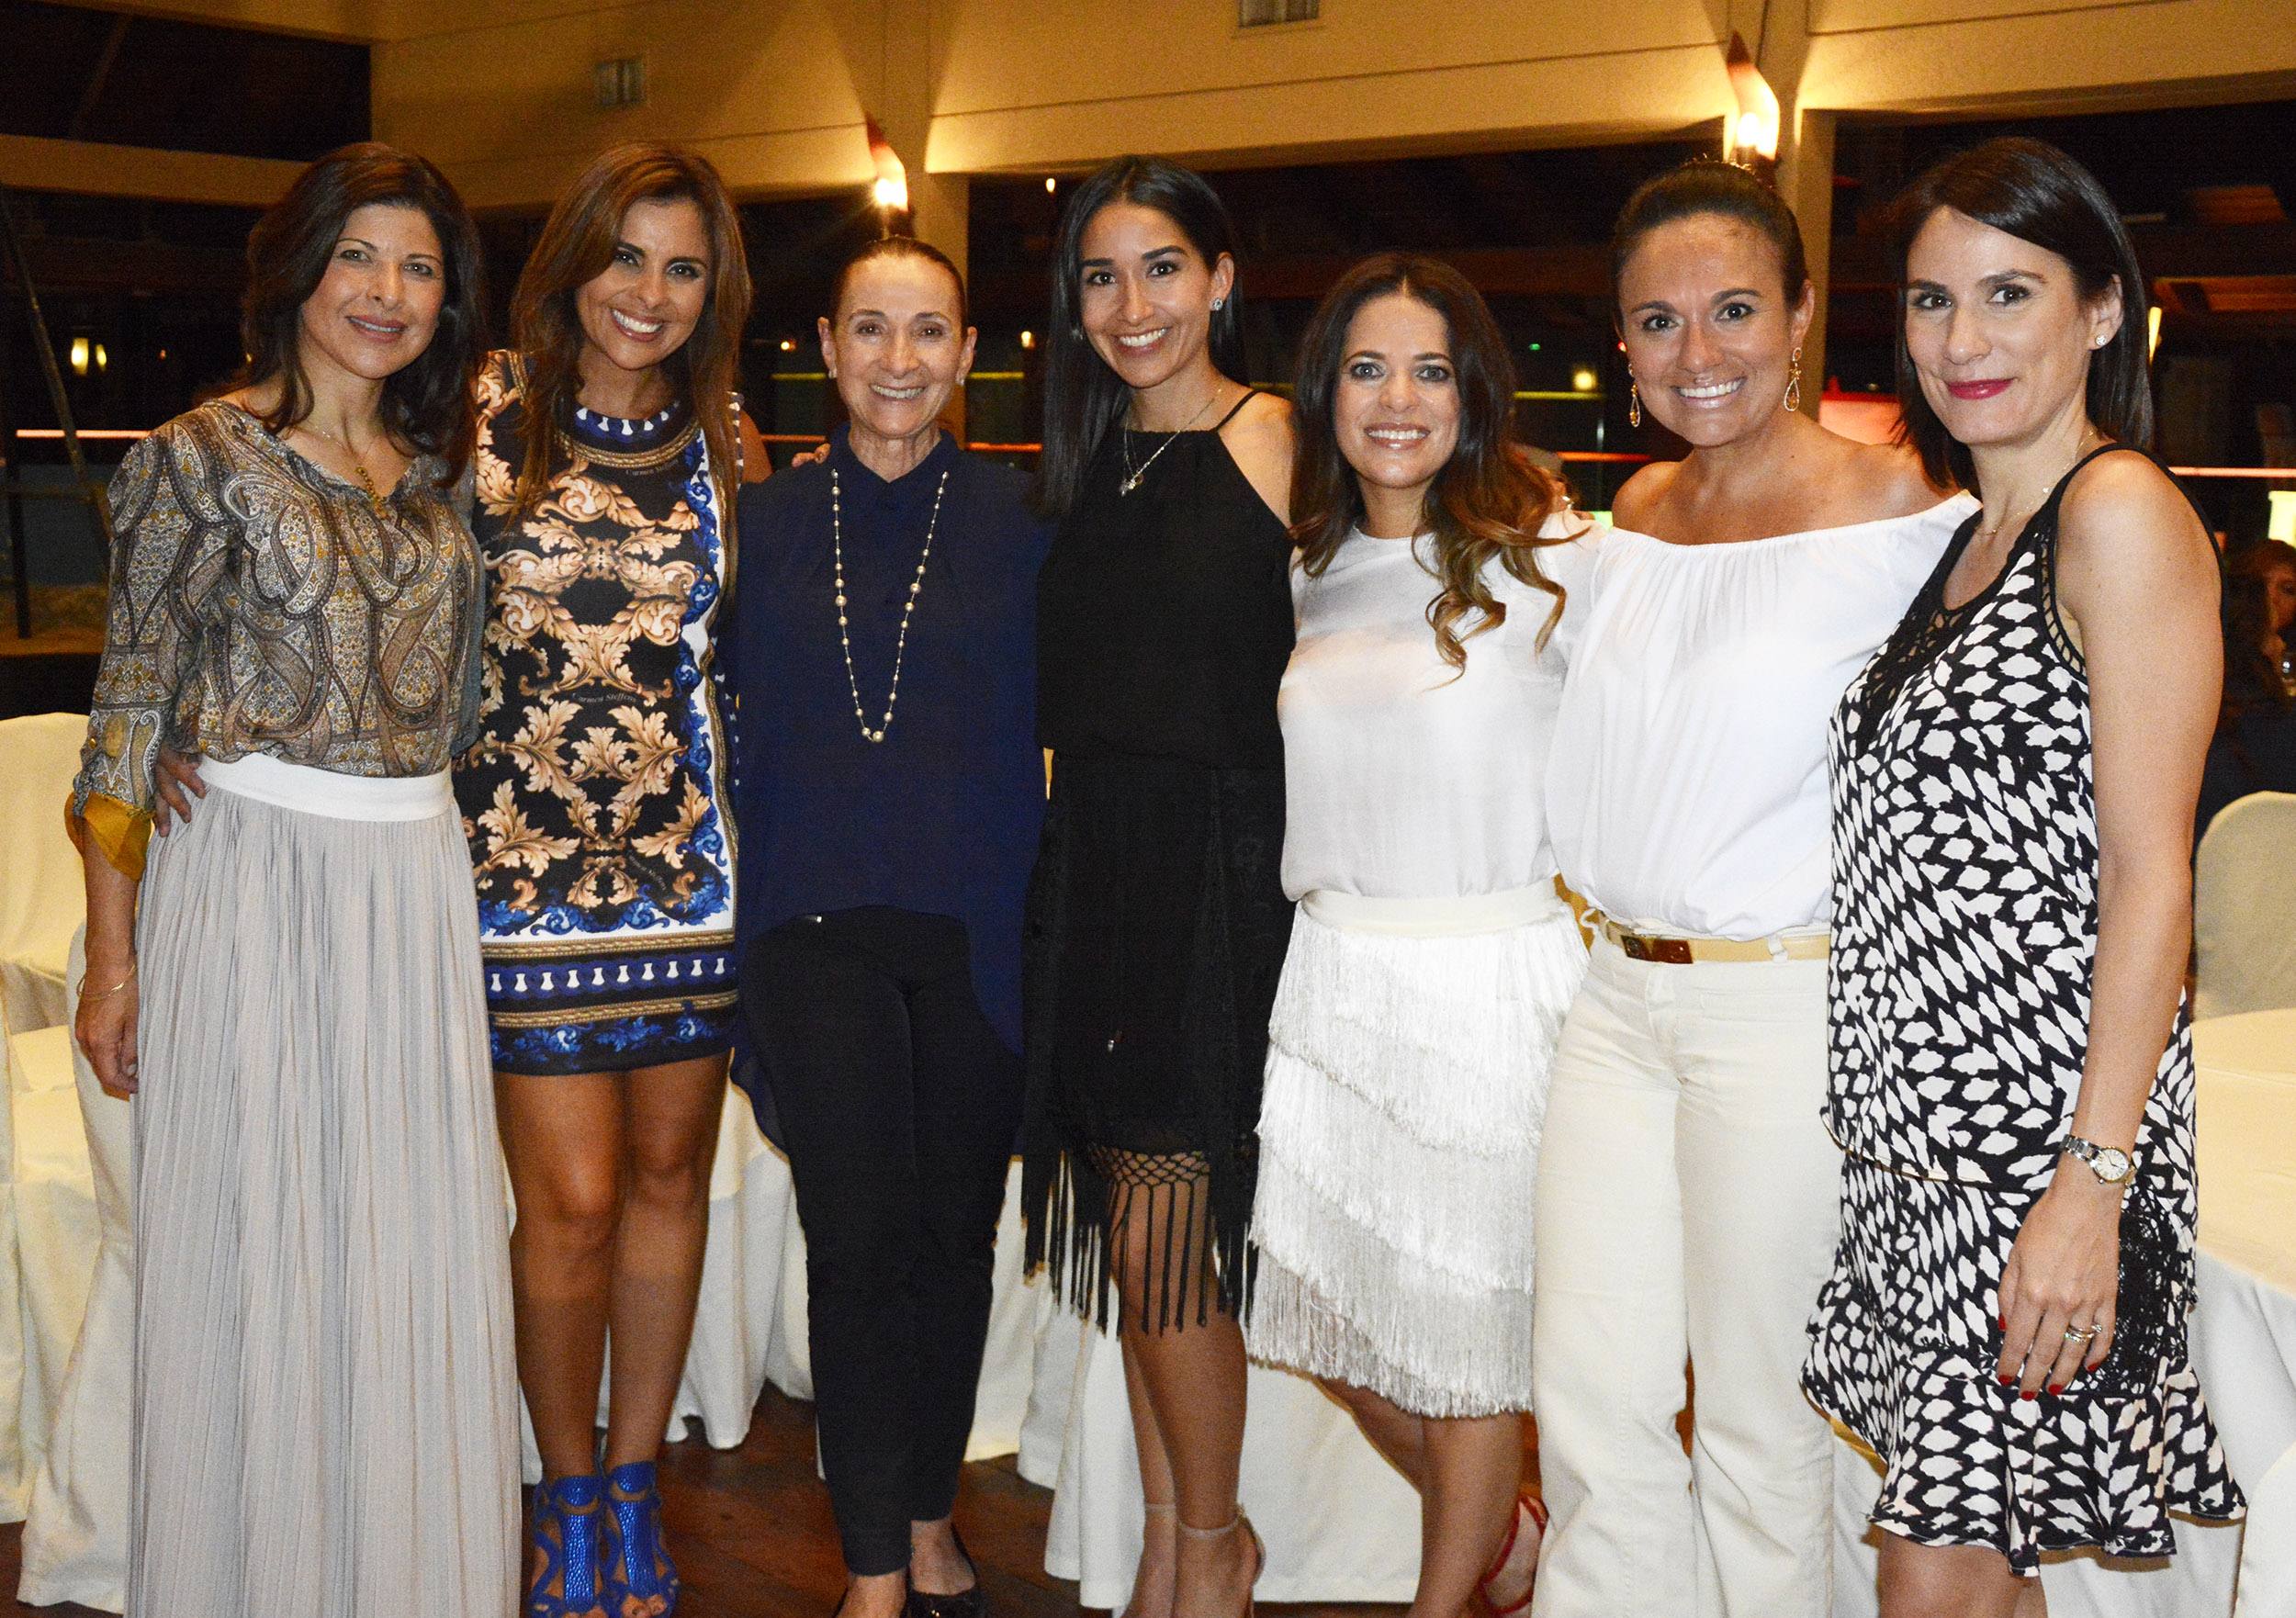 Daniela Mérida-Cristina Spitz-Sarah Mansilla-Sarah Maria Gutiererz-Paola de Barrón-Carla Maria Antelo - Alejandra Pinto.